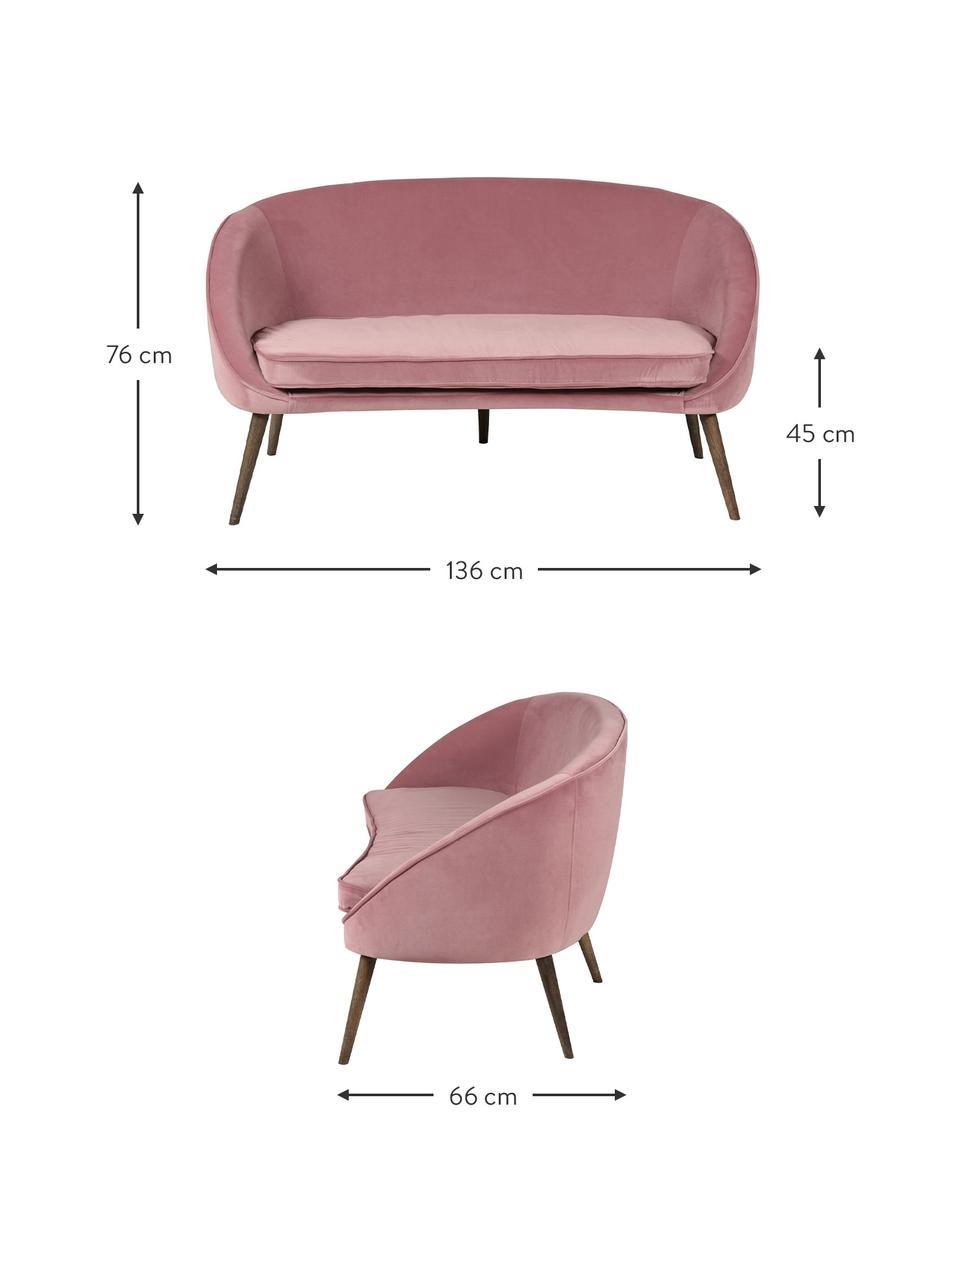 Fluwelen bank Safir (2-zits) in roze met houten poten, Bekleding: polyester fluweel, Poten: gebeitst walnoothout, Fluweel frambooskleurig, B 136  x D 66 cm